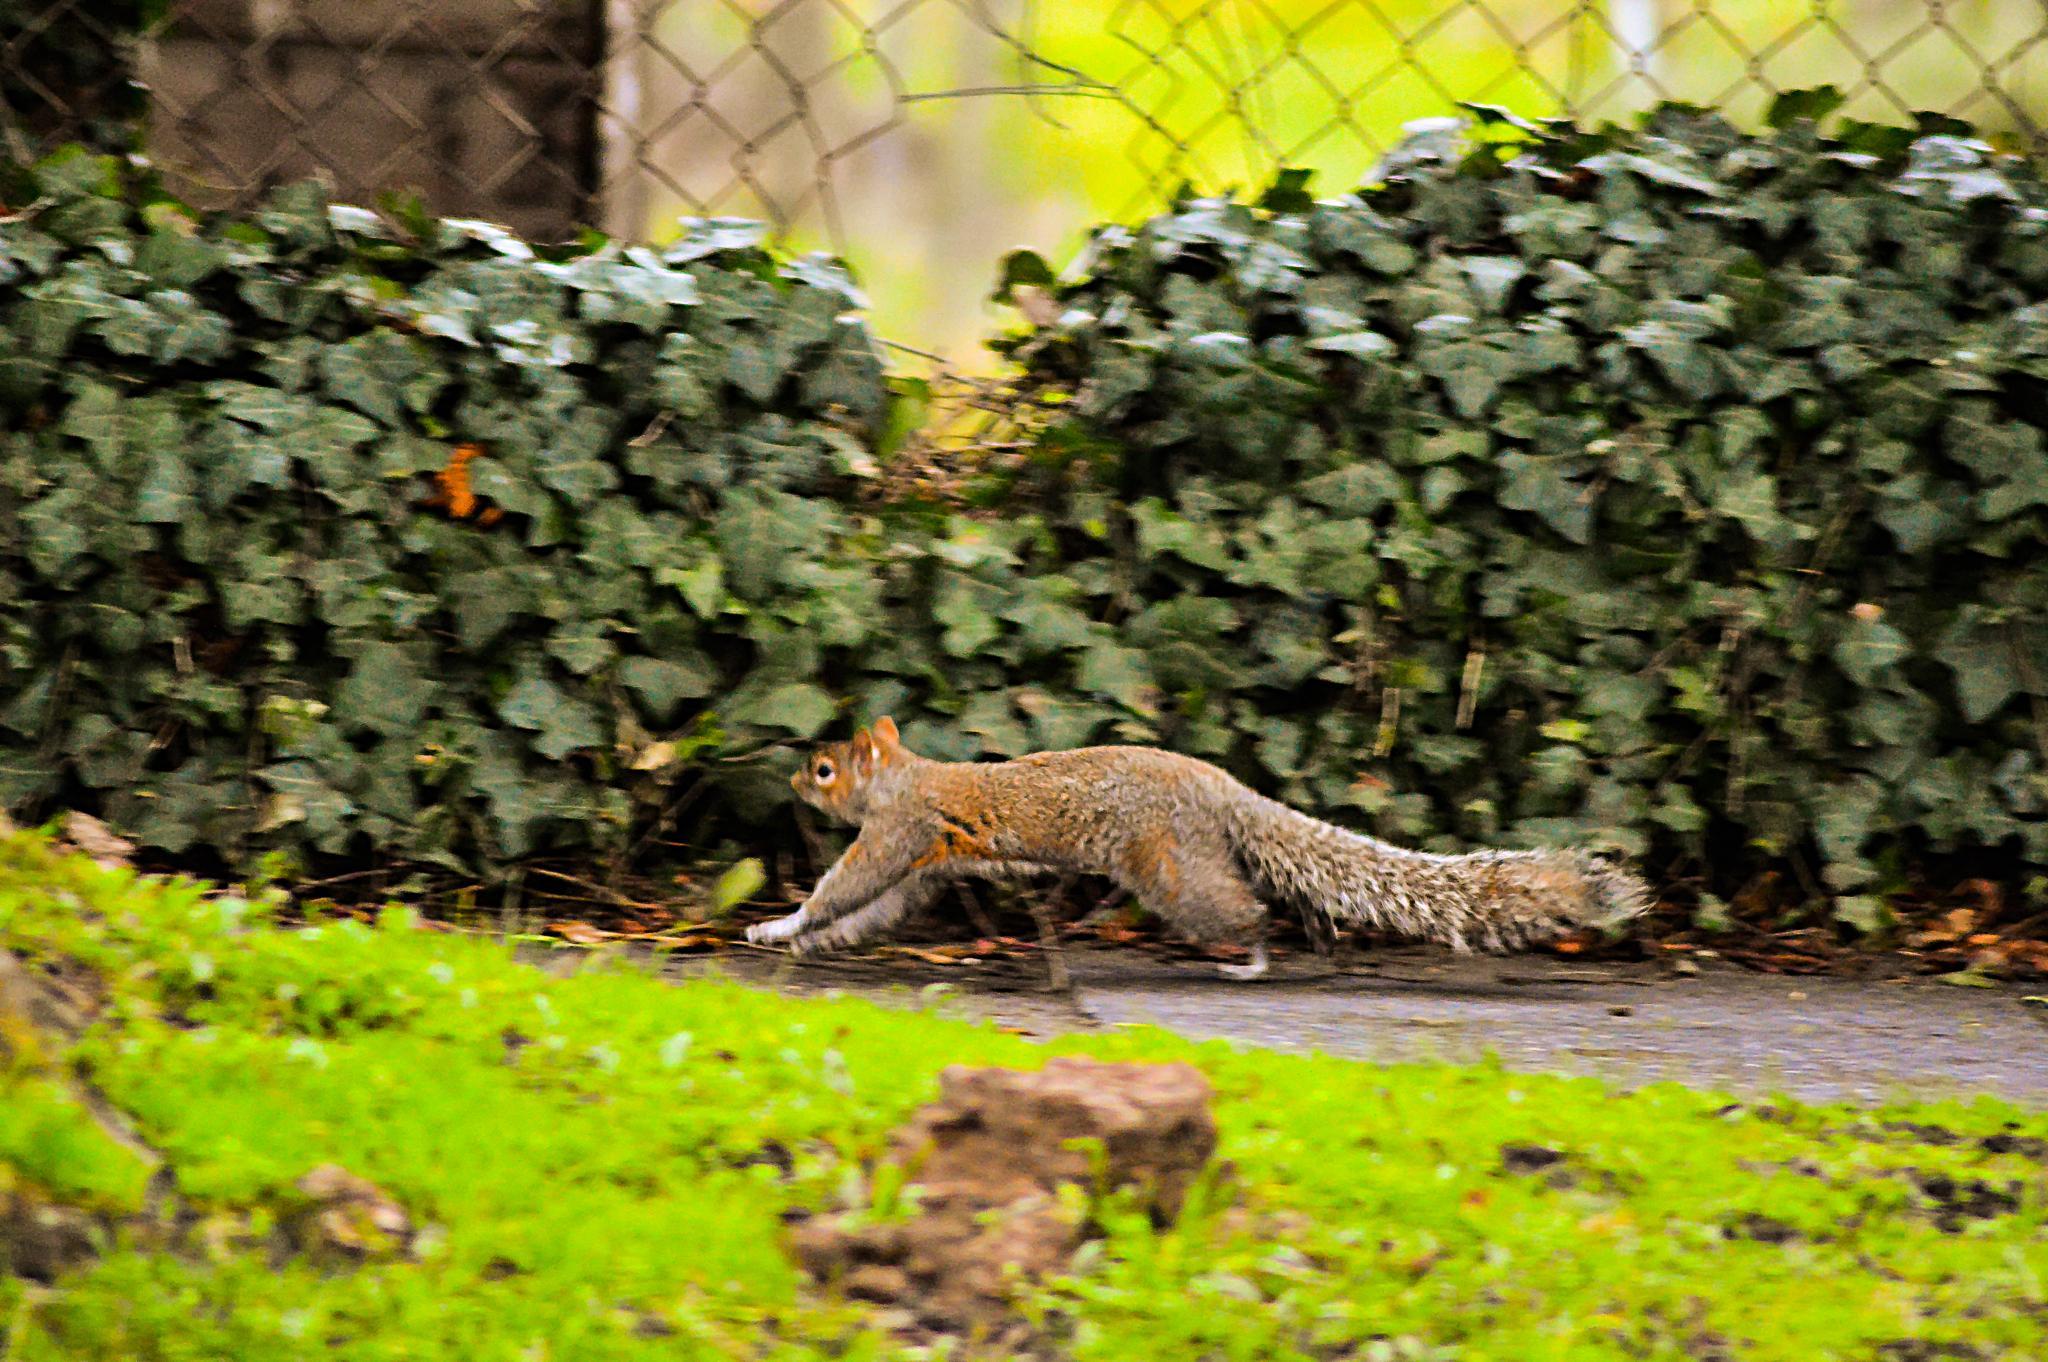 The running squirrel by Keygen89